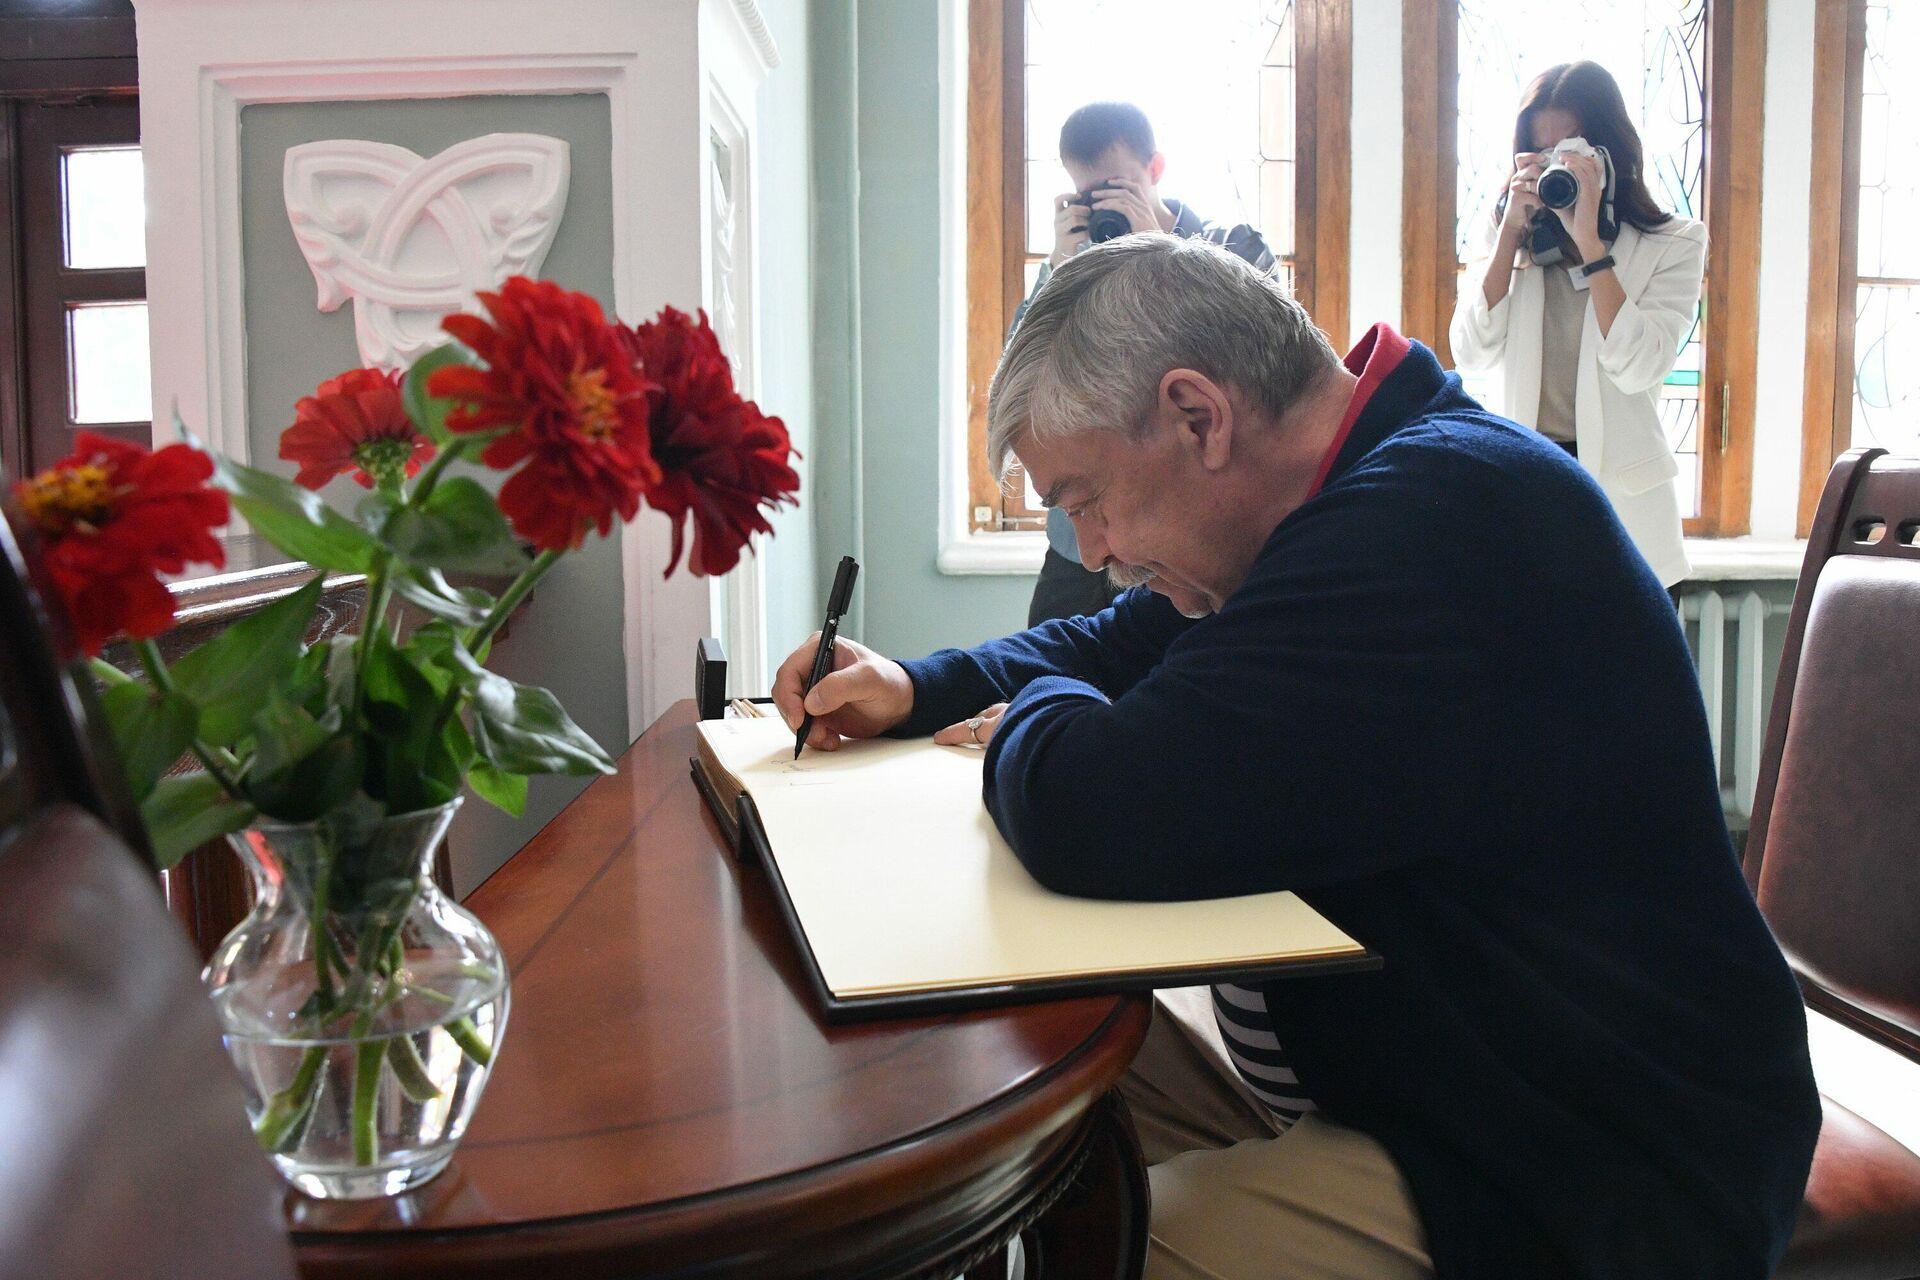 Посол РФ Евгений Лукьянов оставил запись в книге почетных гостей музея - Sputnik Беларусь, 1920, 04.08.2021